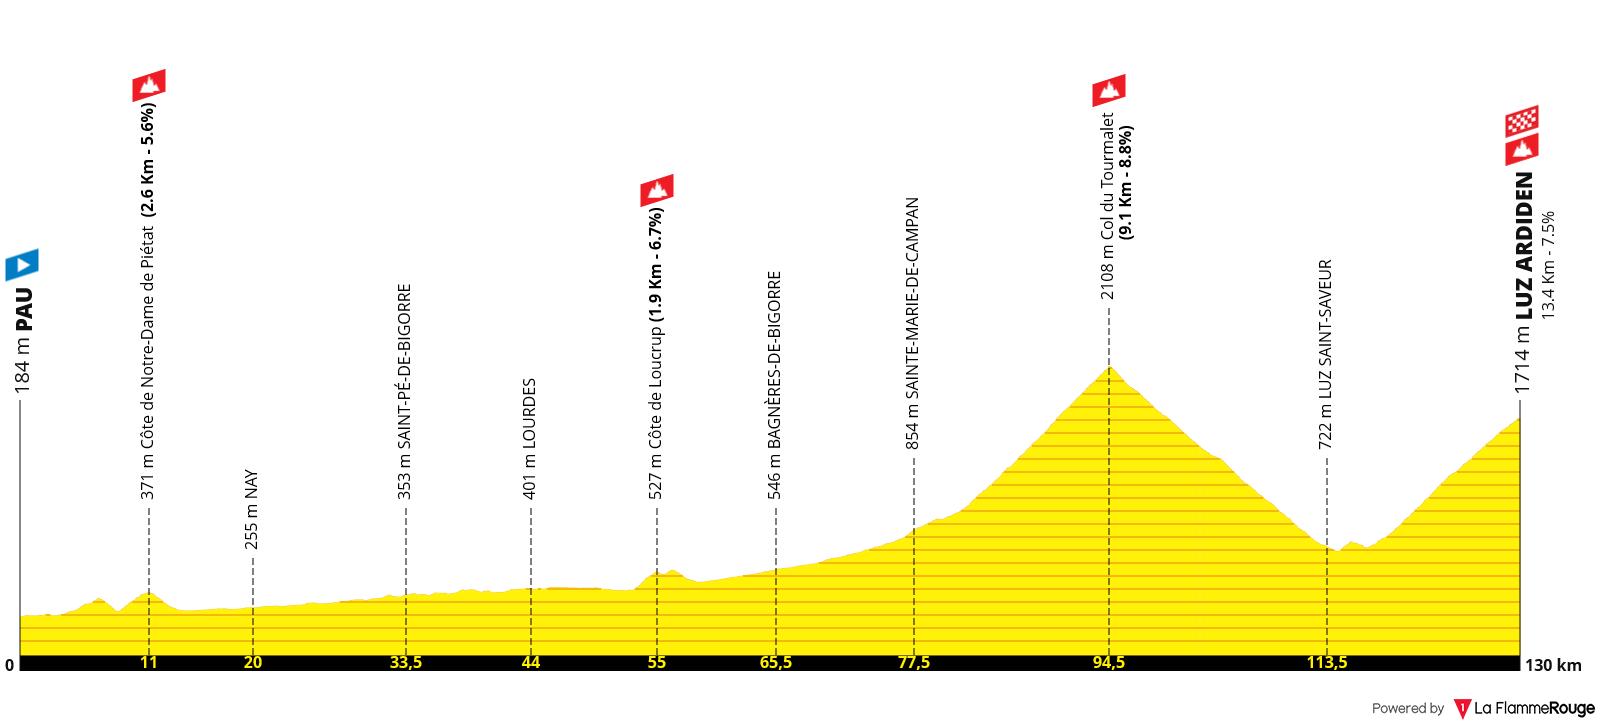 Etapa 18 - Tour de Francia 2021